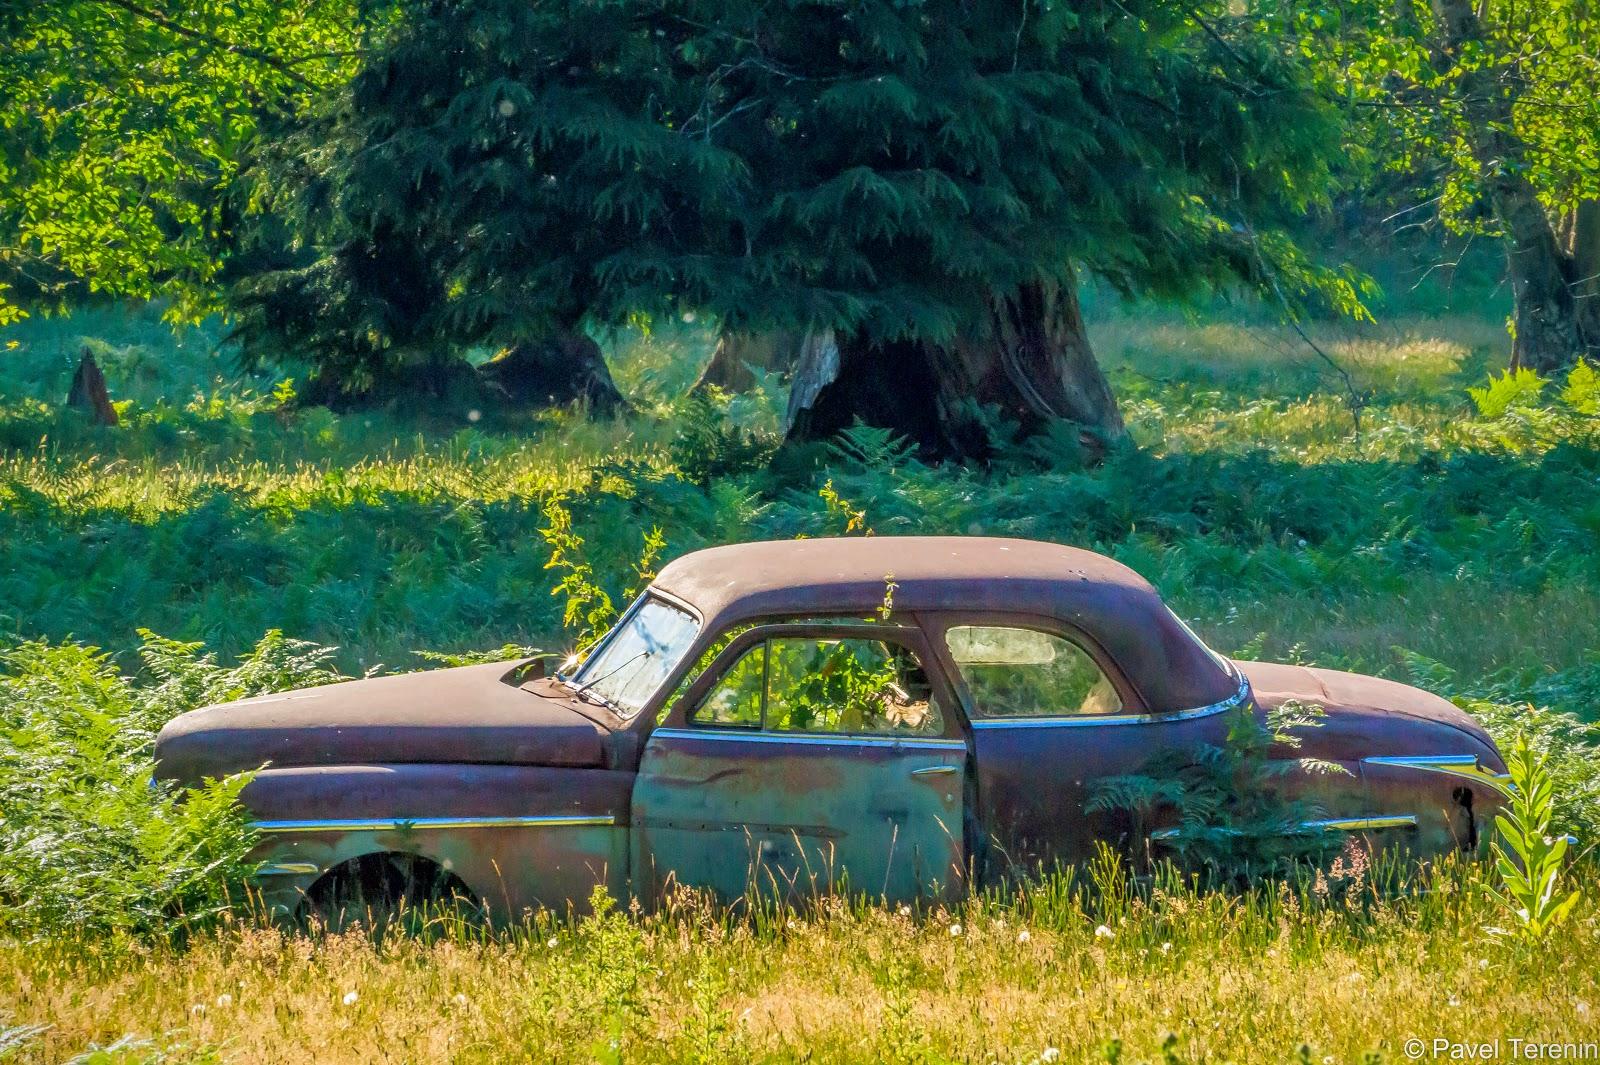 В районе от Ньюхолема до городка Лиман таких заброшеных машин вдоль дороги на удивление много.